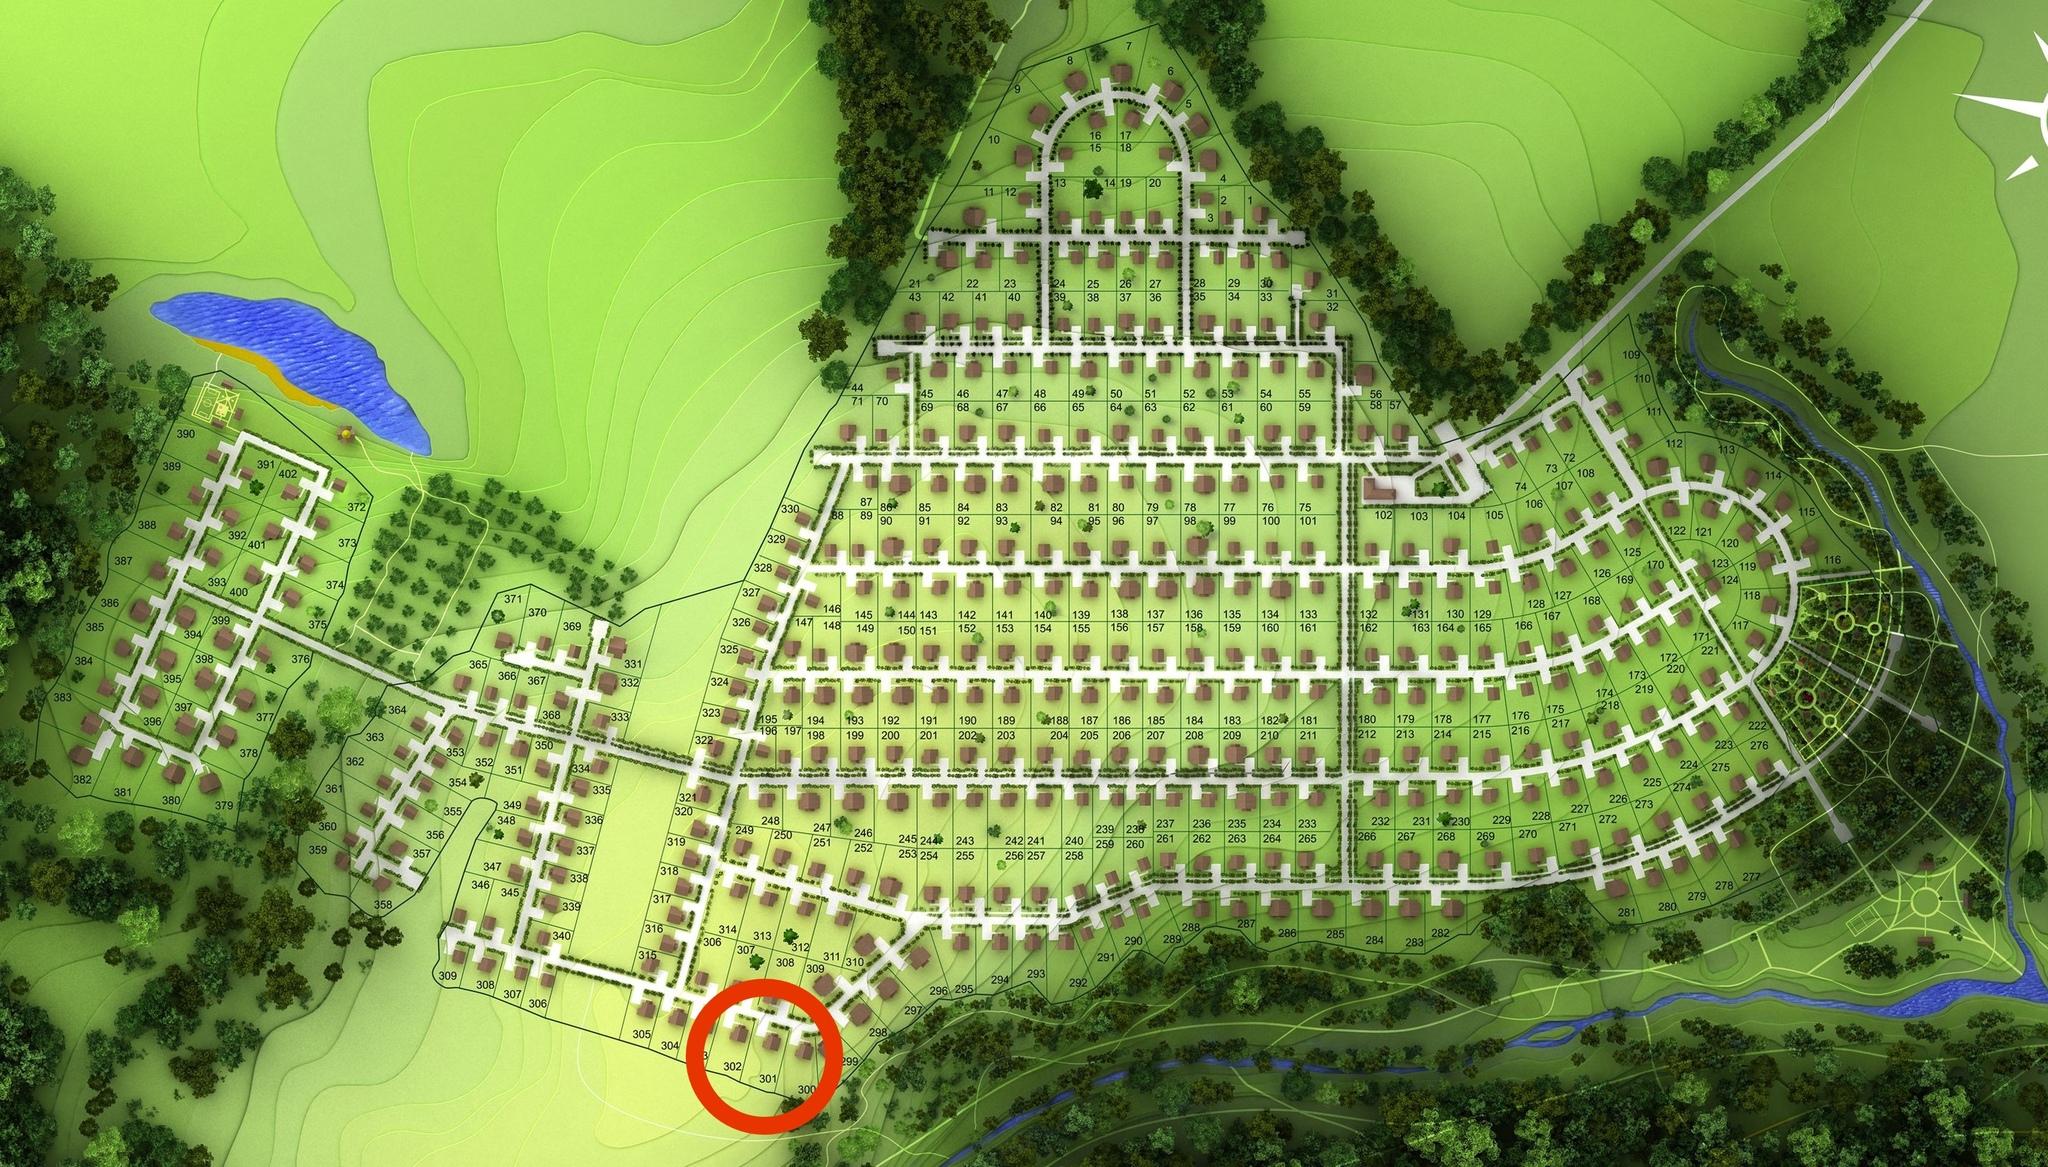 Выставлен на продажу участок 5 гектаров с коммуникациями под строительство усадьбы